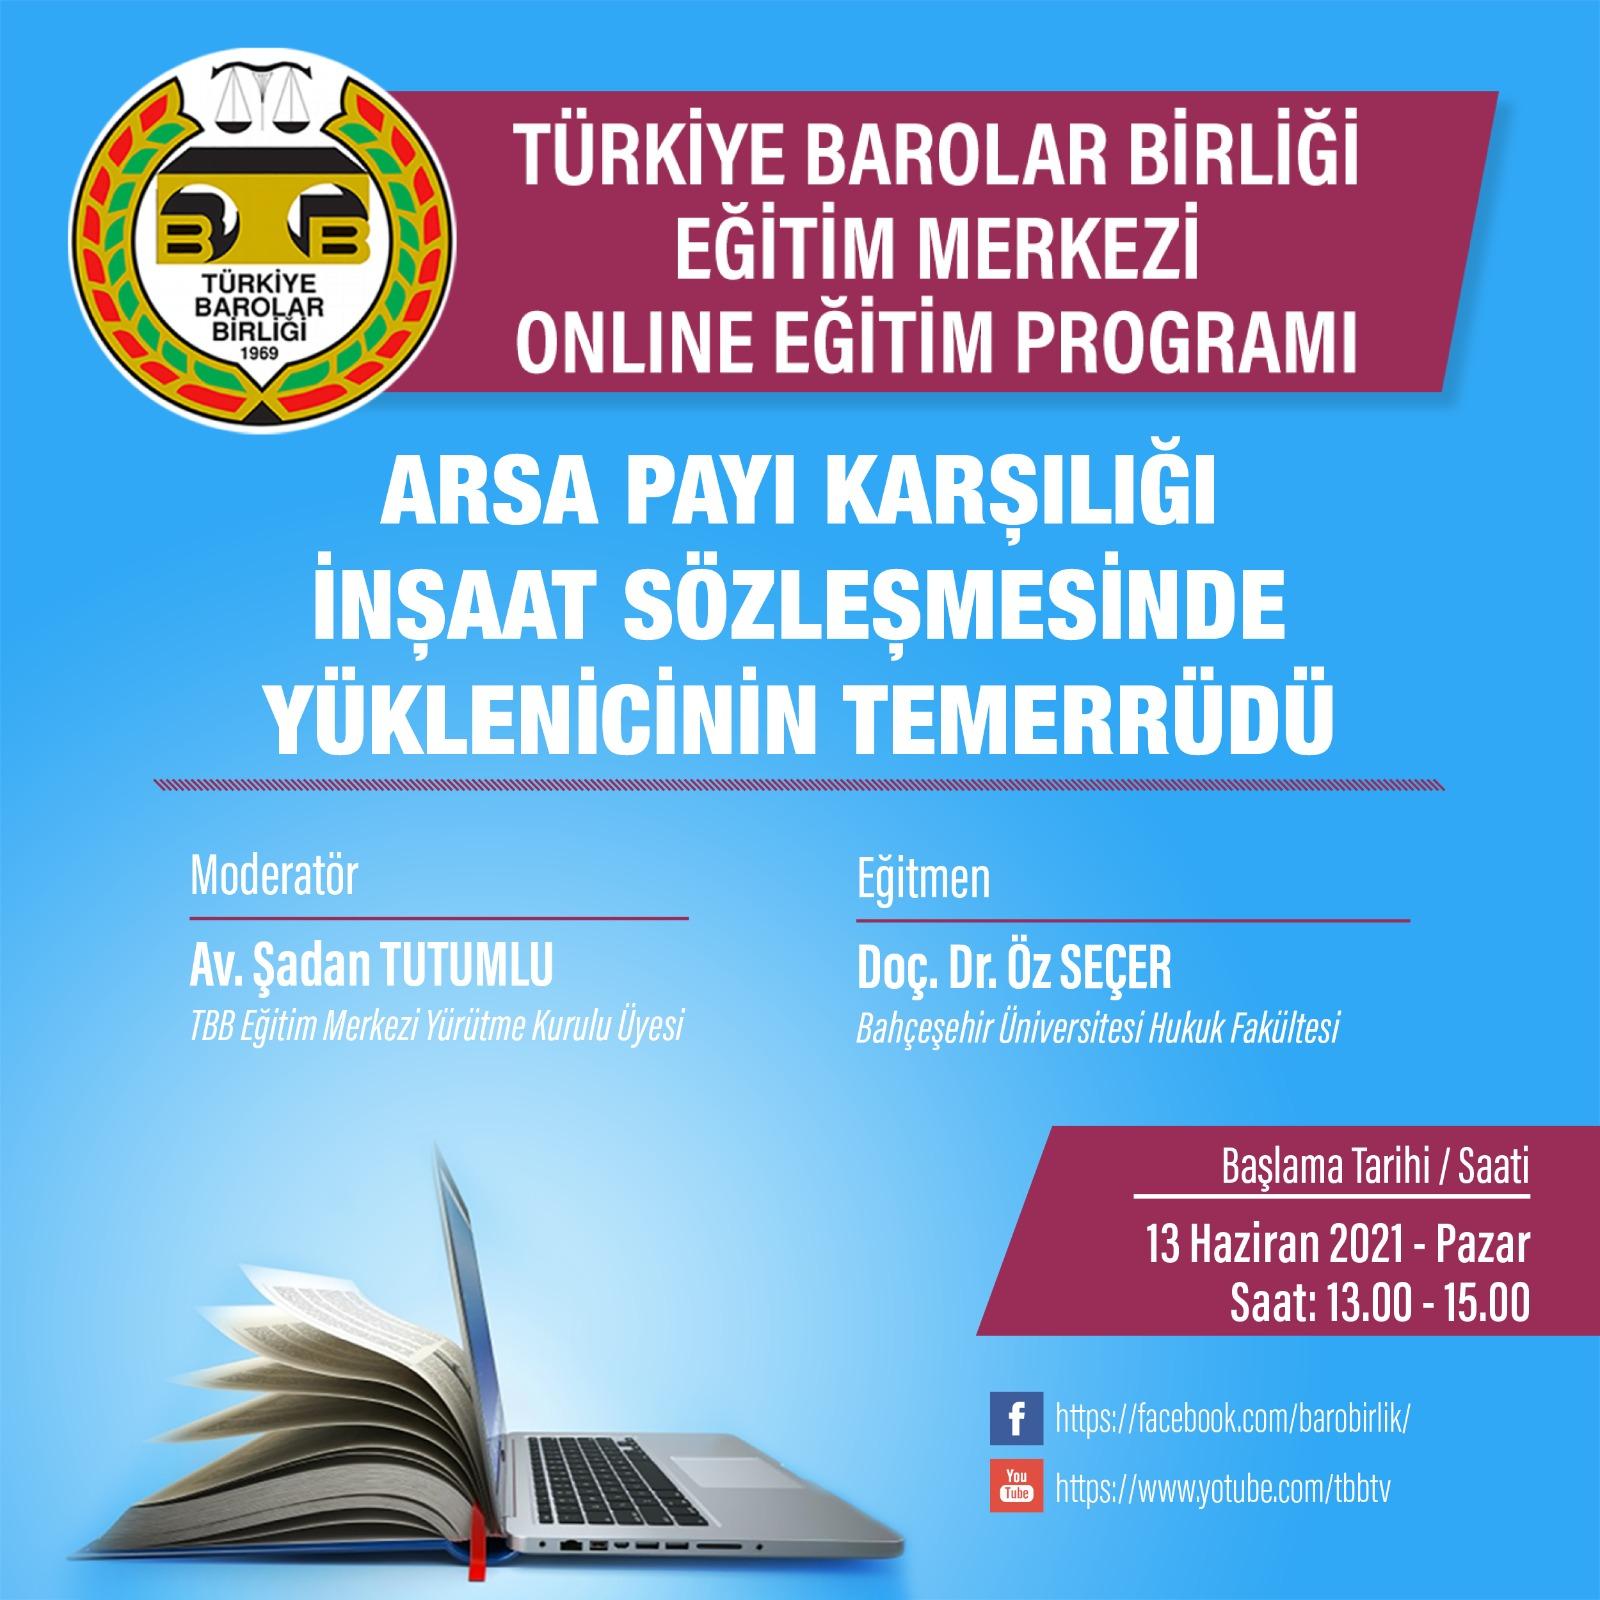 TBB Eğitim Merkezi Online Eğitim 13.06.2021